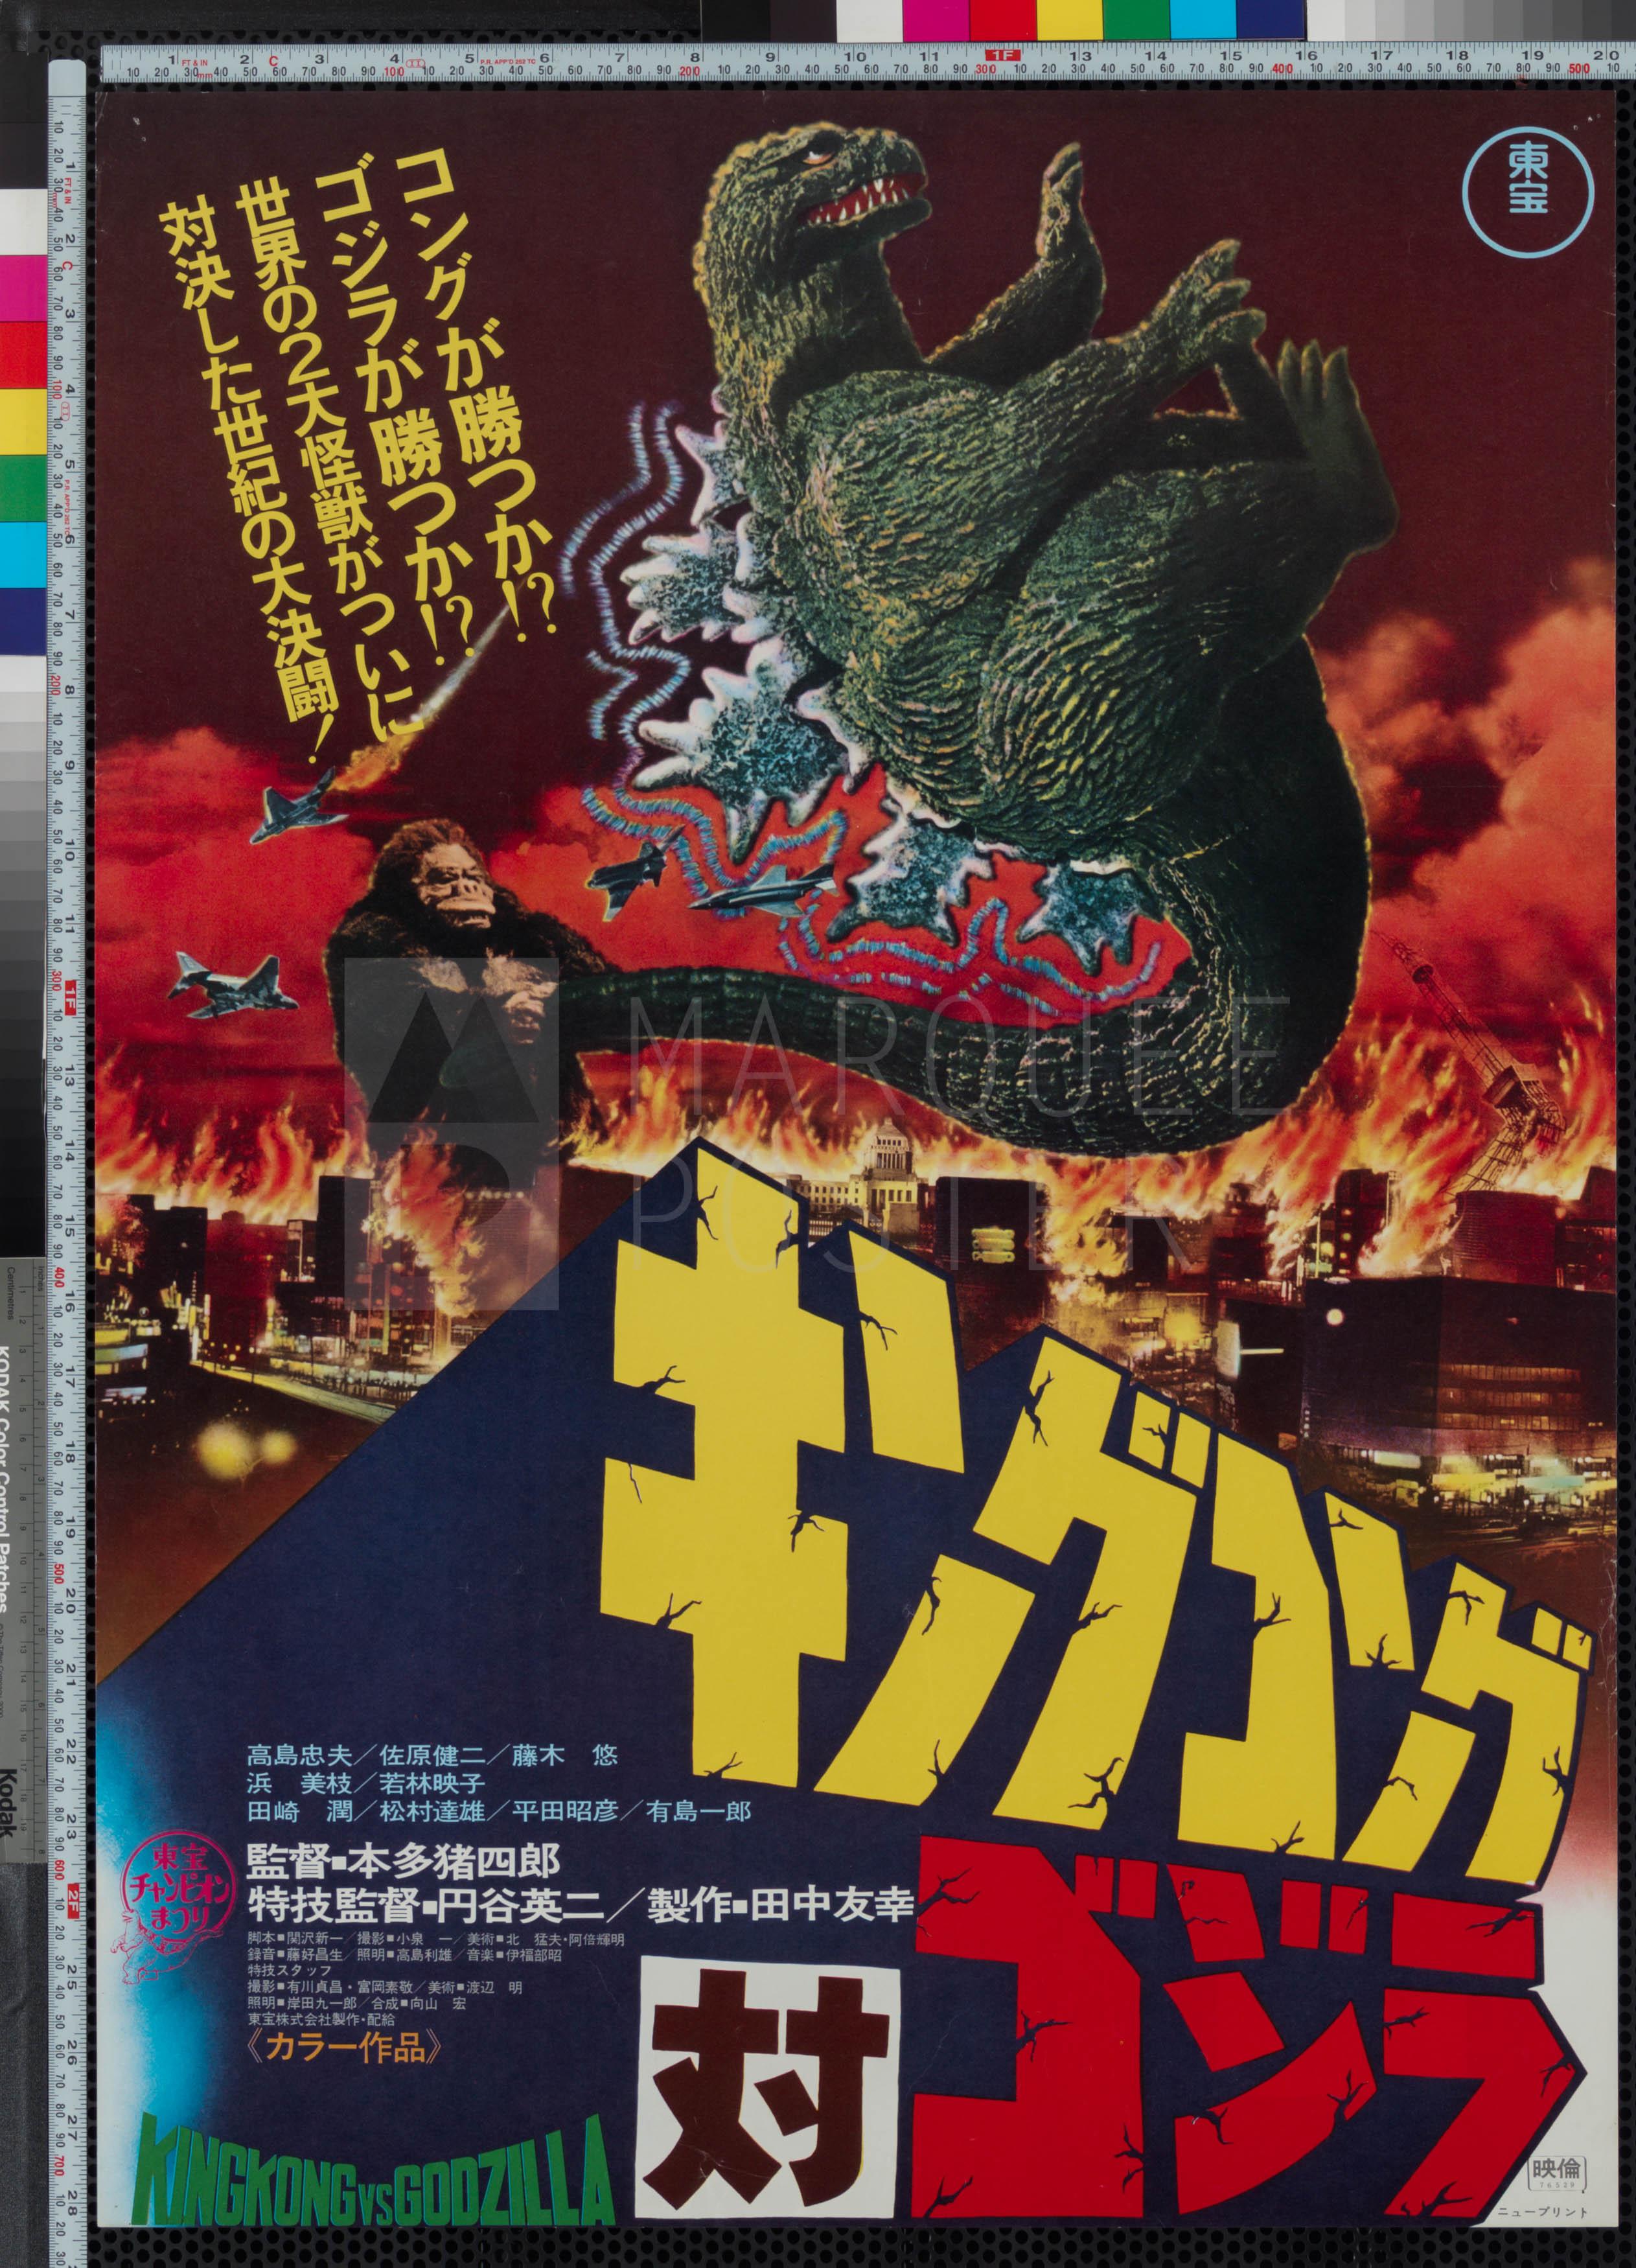 23-king-kong-vs-godzilla-re-release-japanese-b2-1976-02